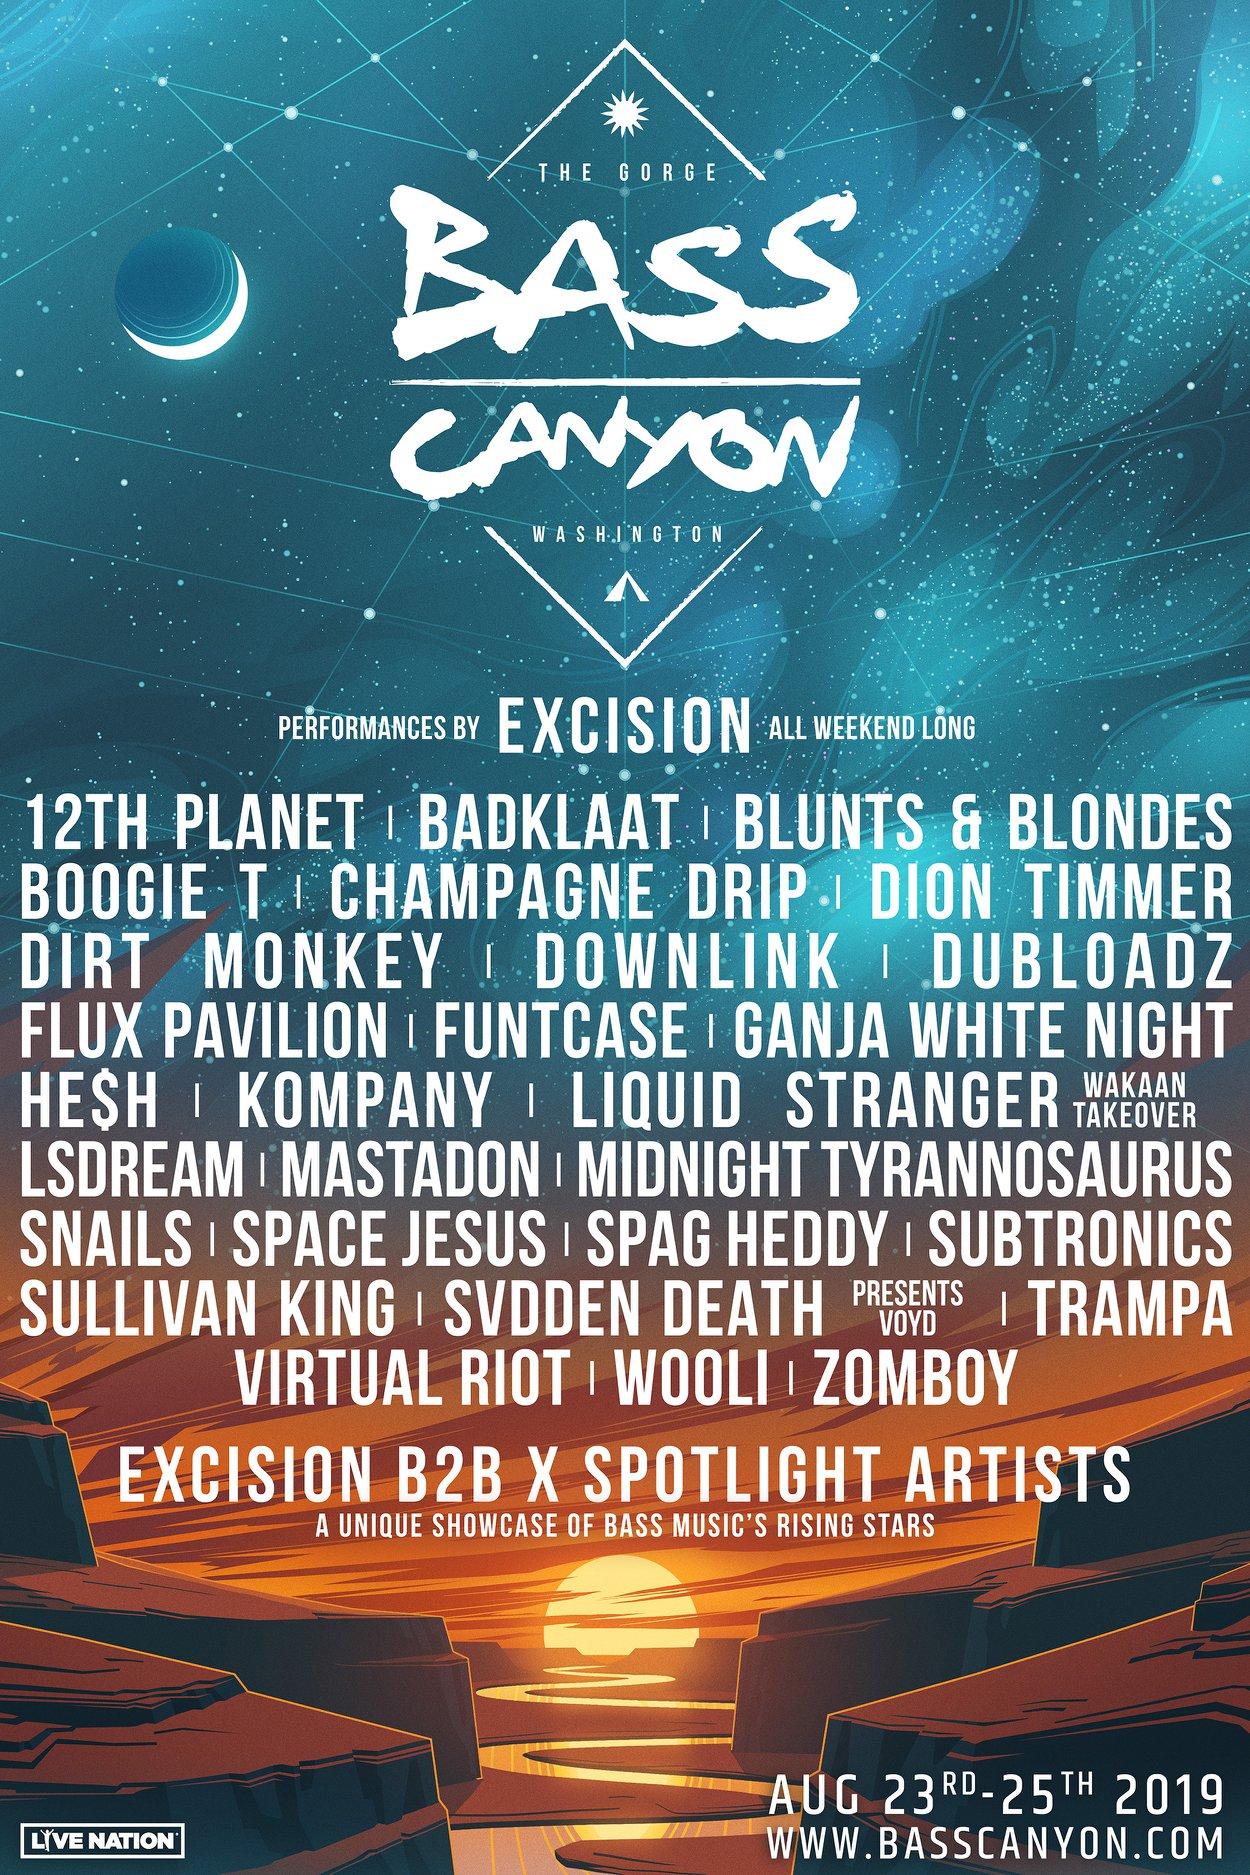 Bass Canyon 2019 Lineup